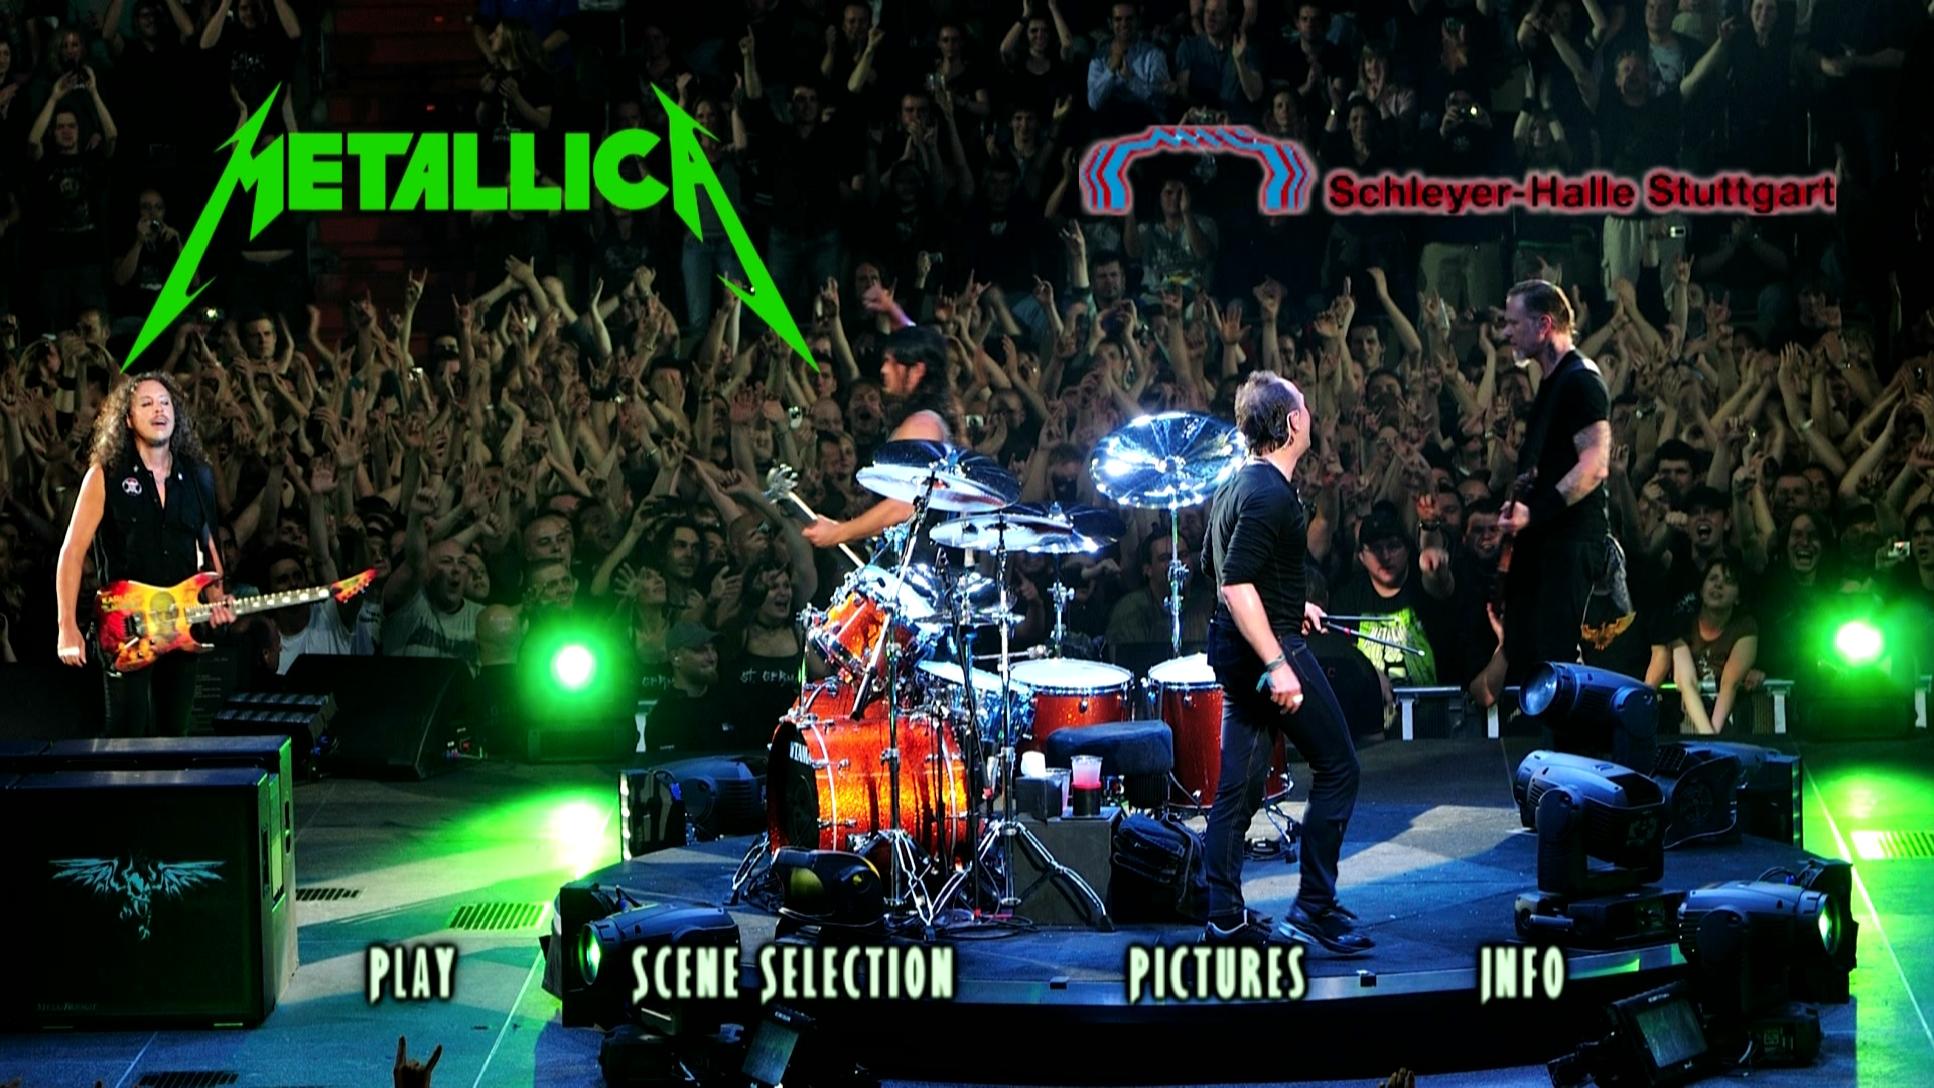 metallica_2009-05-09_stuttgart_screen_01277262822